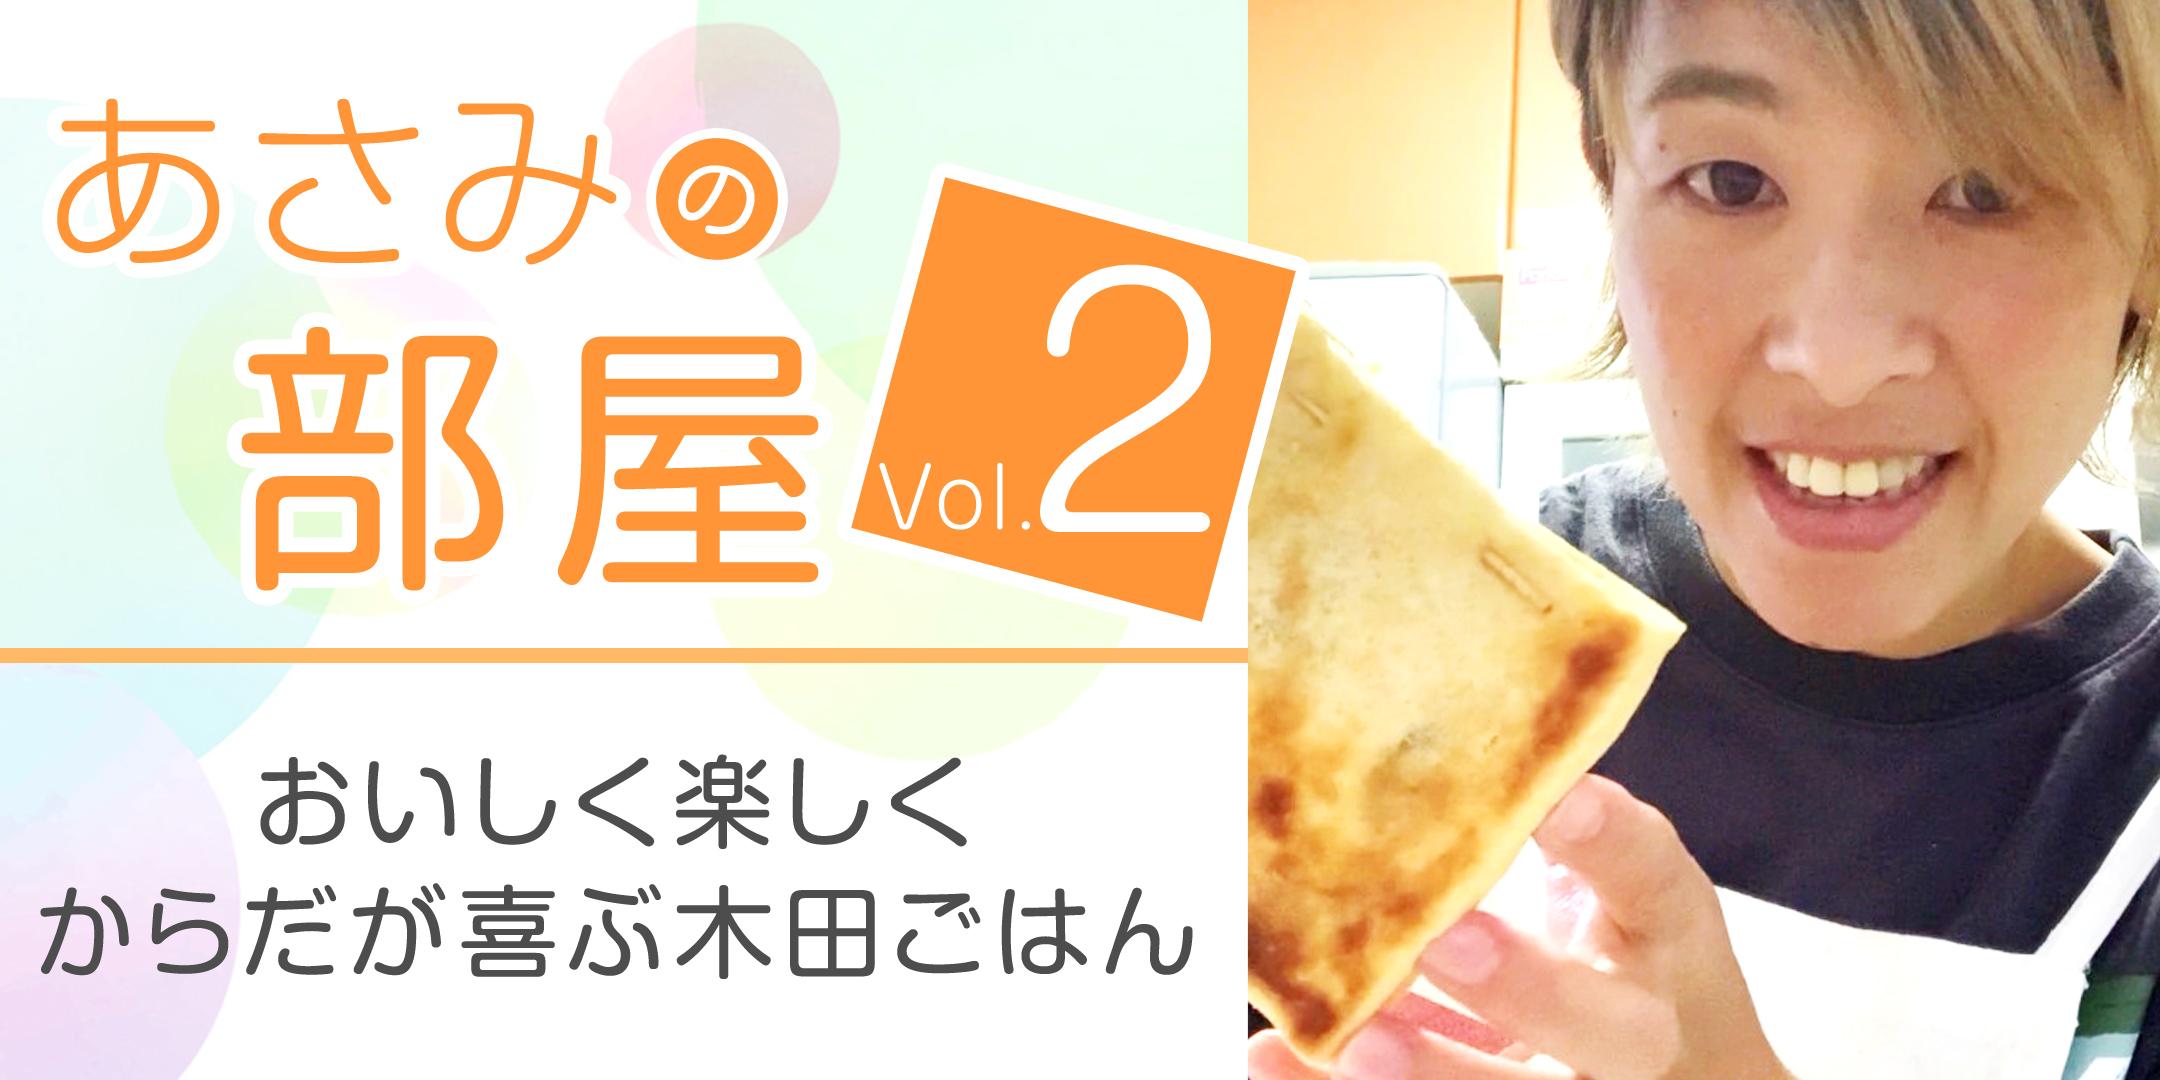 あさみの部屋Vol.2